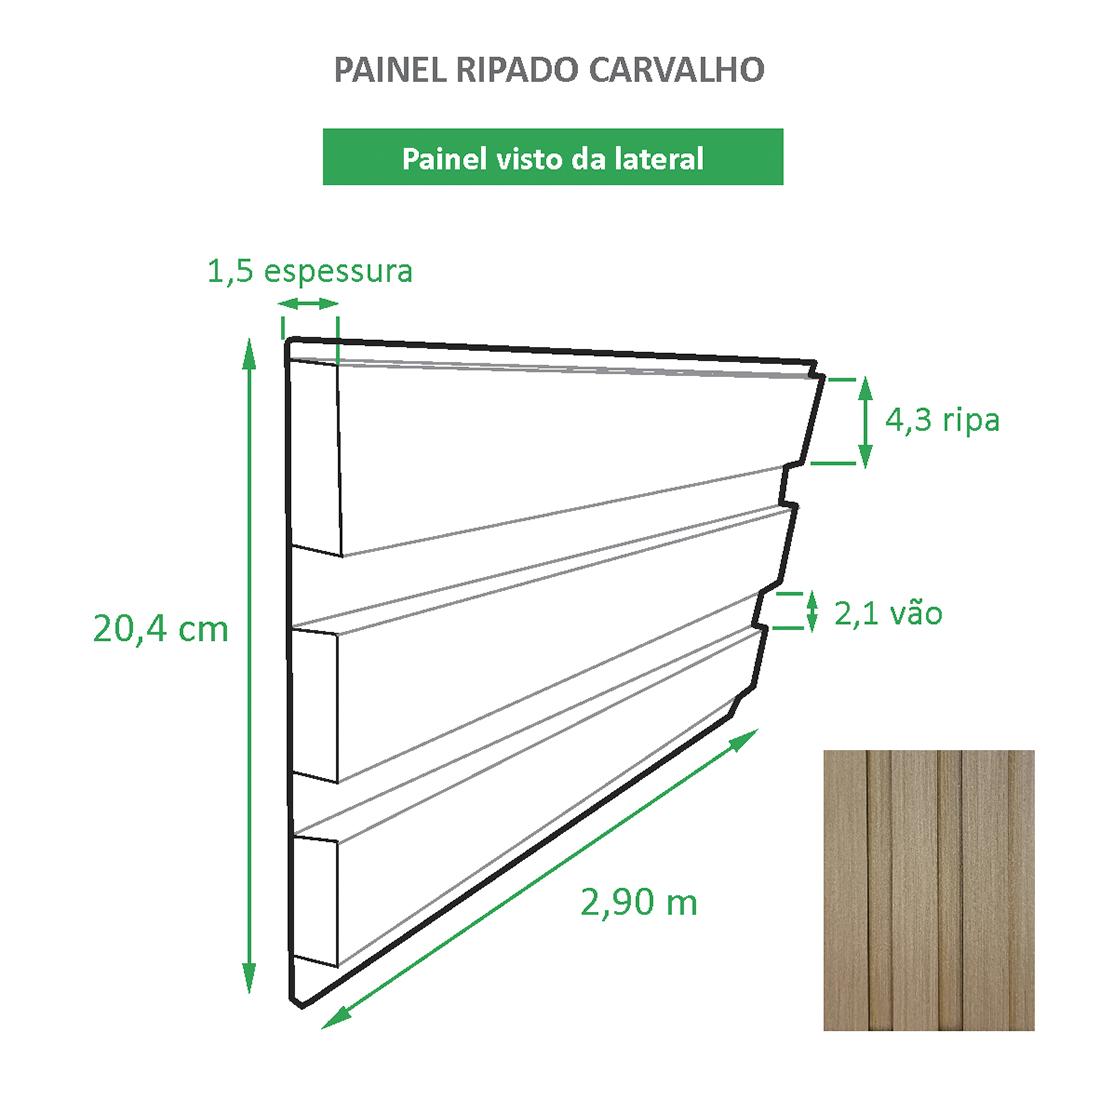 Painel Ripado Ecológico RENO Carvalho - Novidade placa com 0,59m²